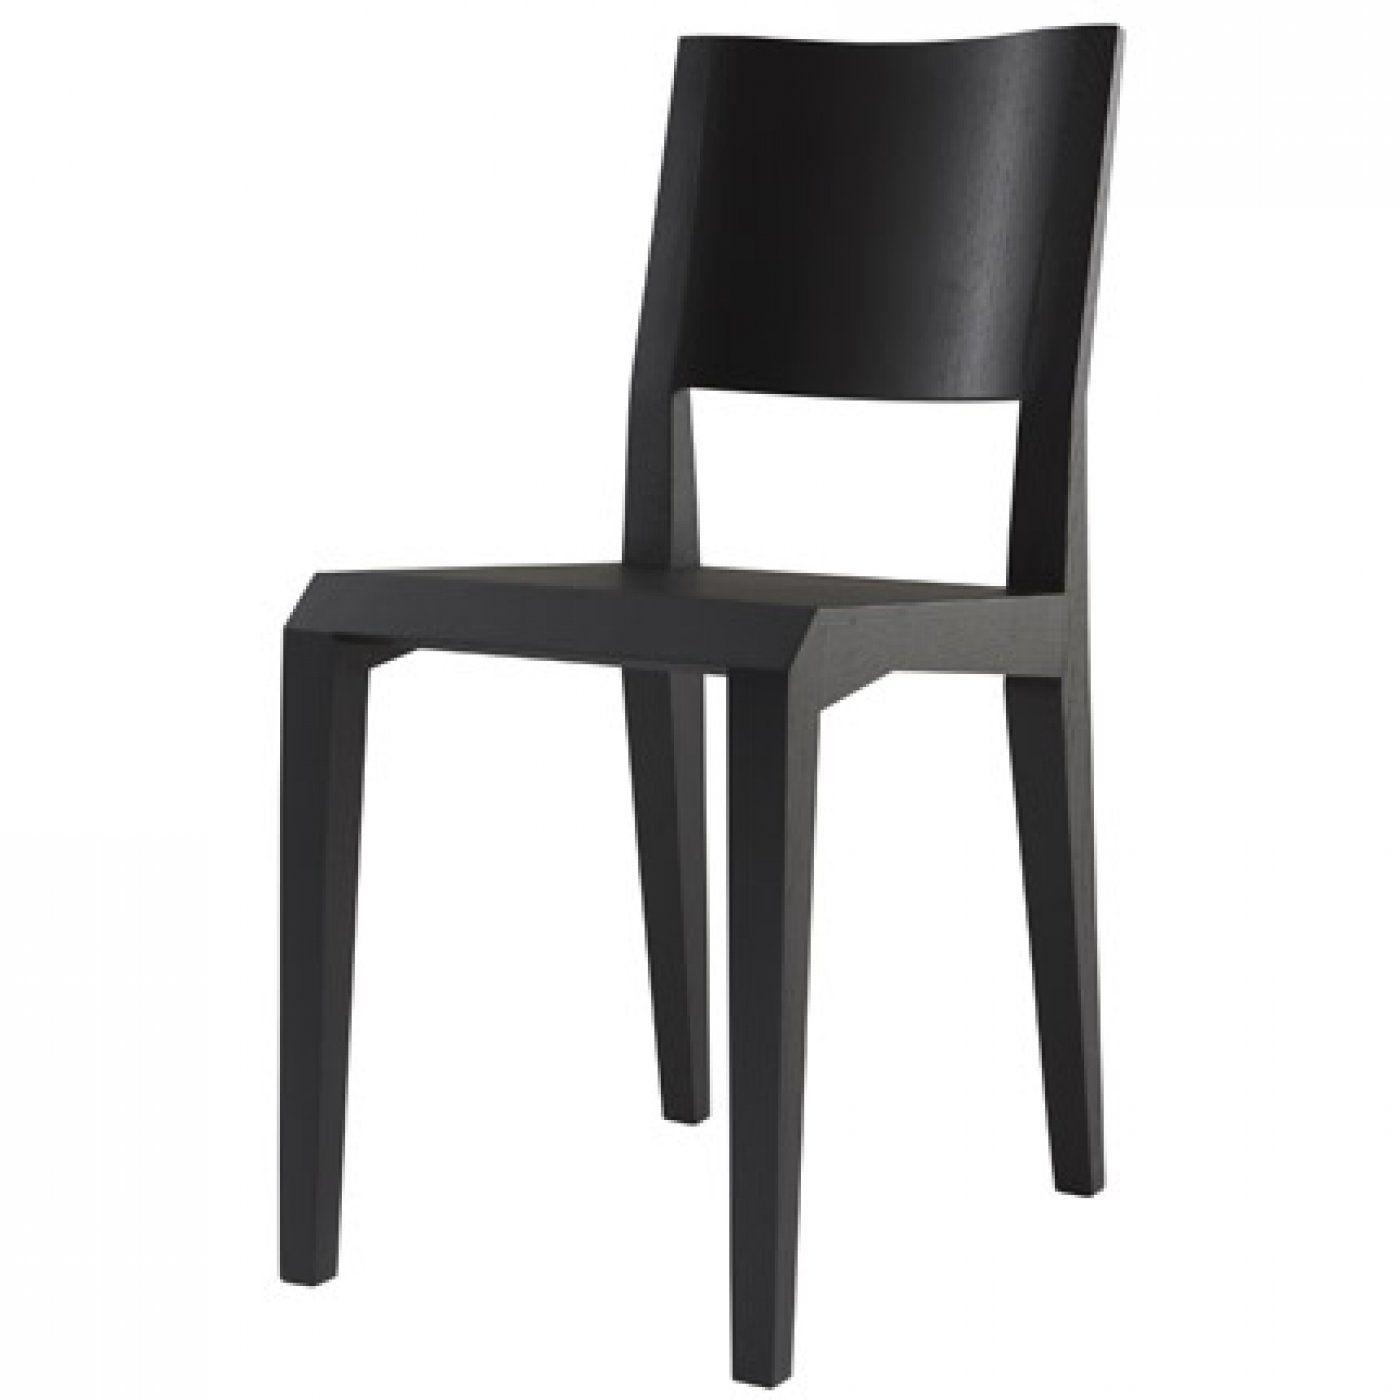 Comment Restaurer Une Chaise En Bois comment restaurer une vieille chaise en bois ? | vieilles